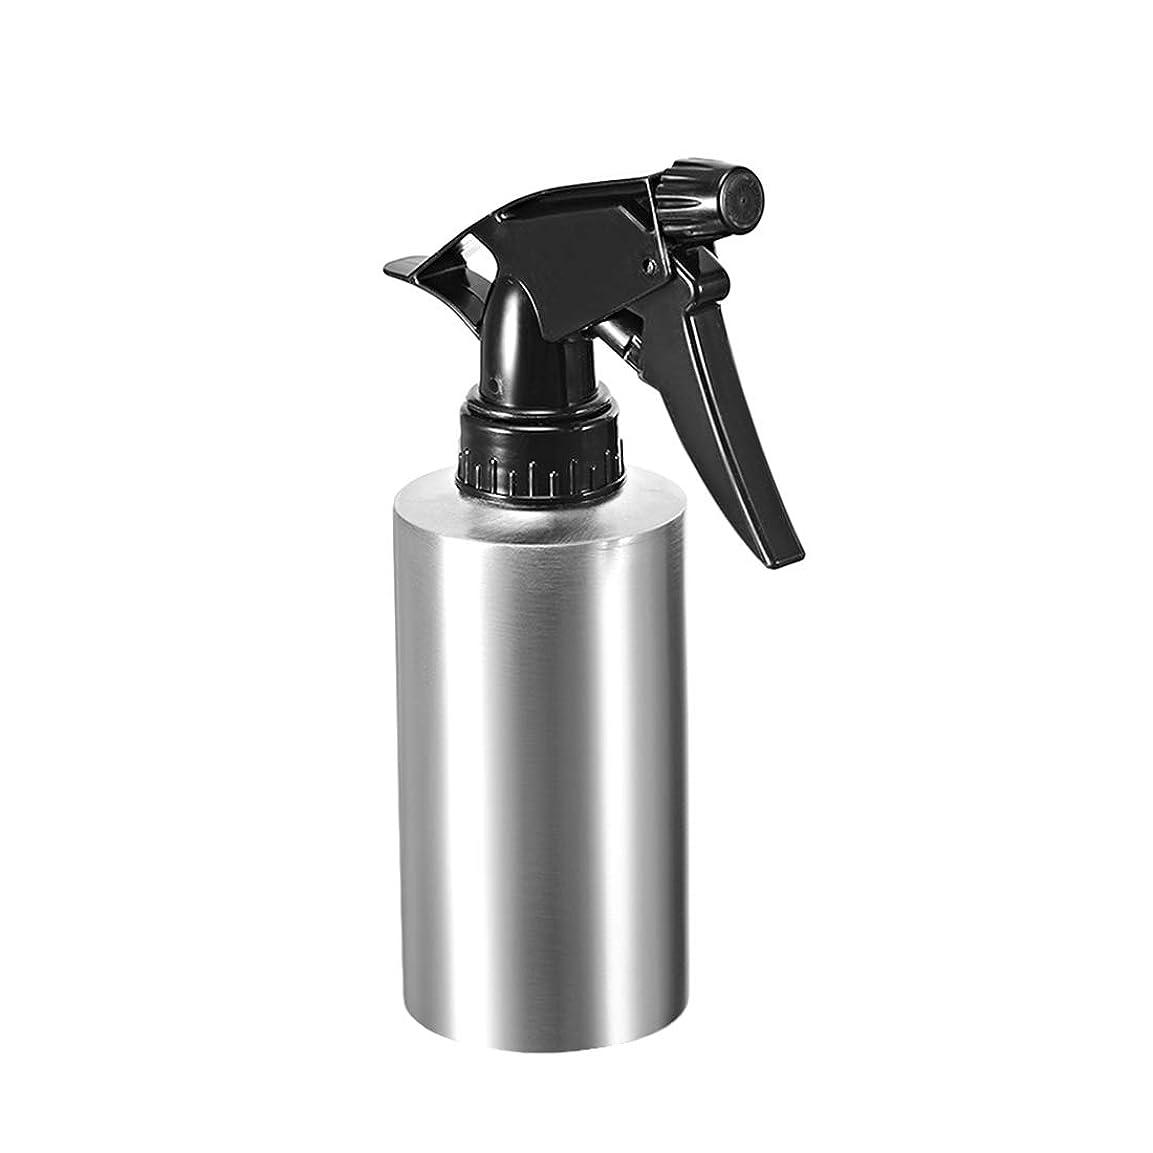 正当な政治家薬uxcell uxcell スプレーボトル 304ステンレス鋼 ファインミストスプレー付き 空の詰め替え容器 8.5oz/250ml